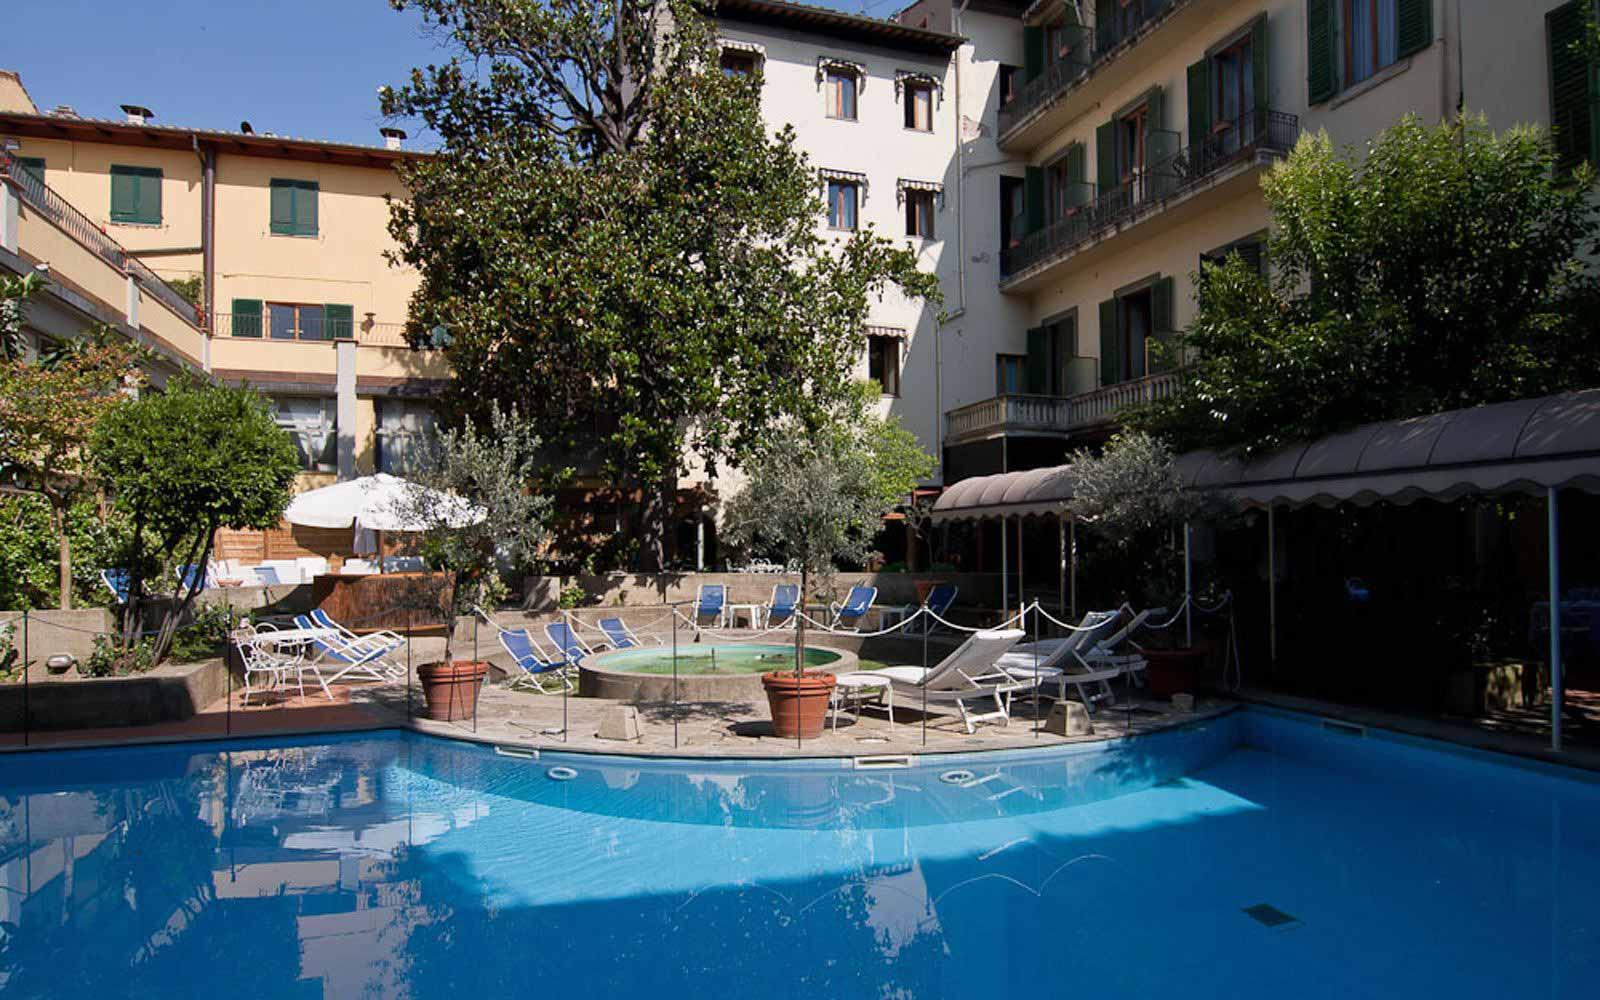 The pool at Hotel Croce di Malta